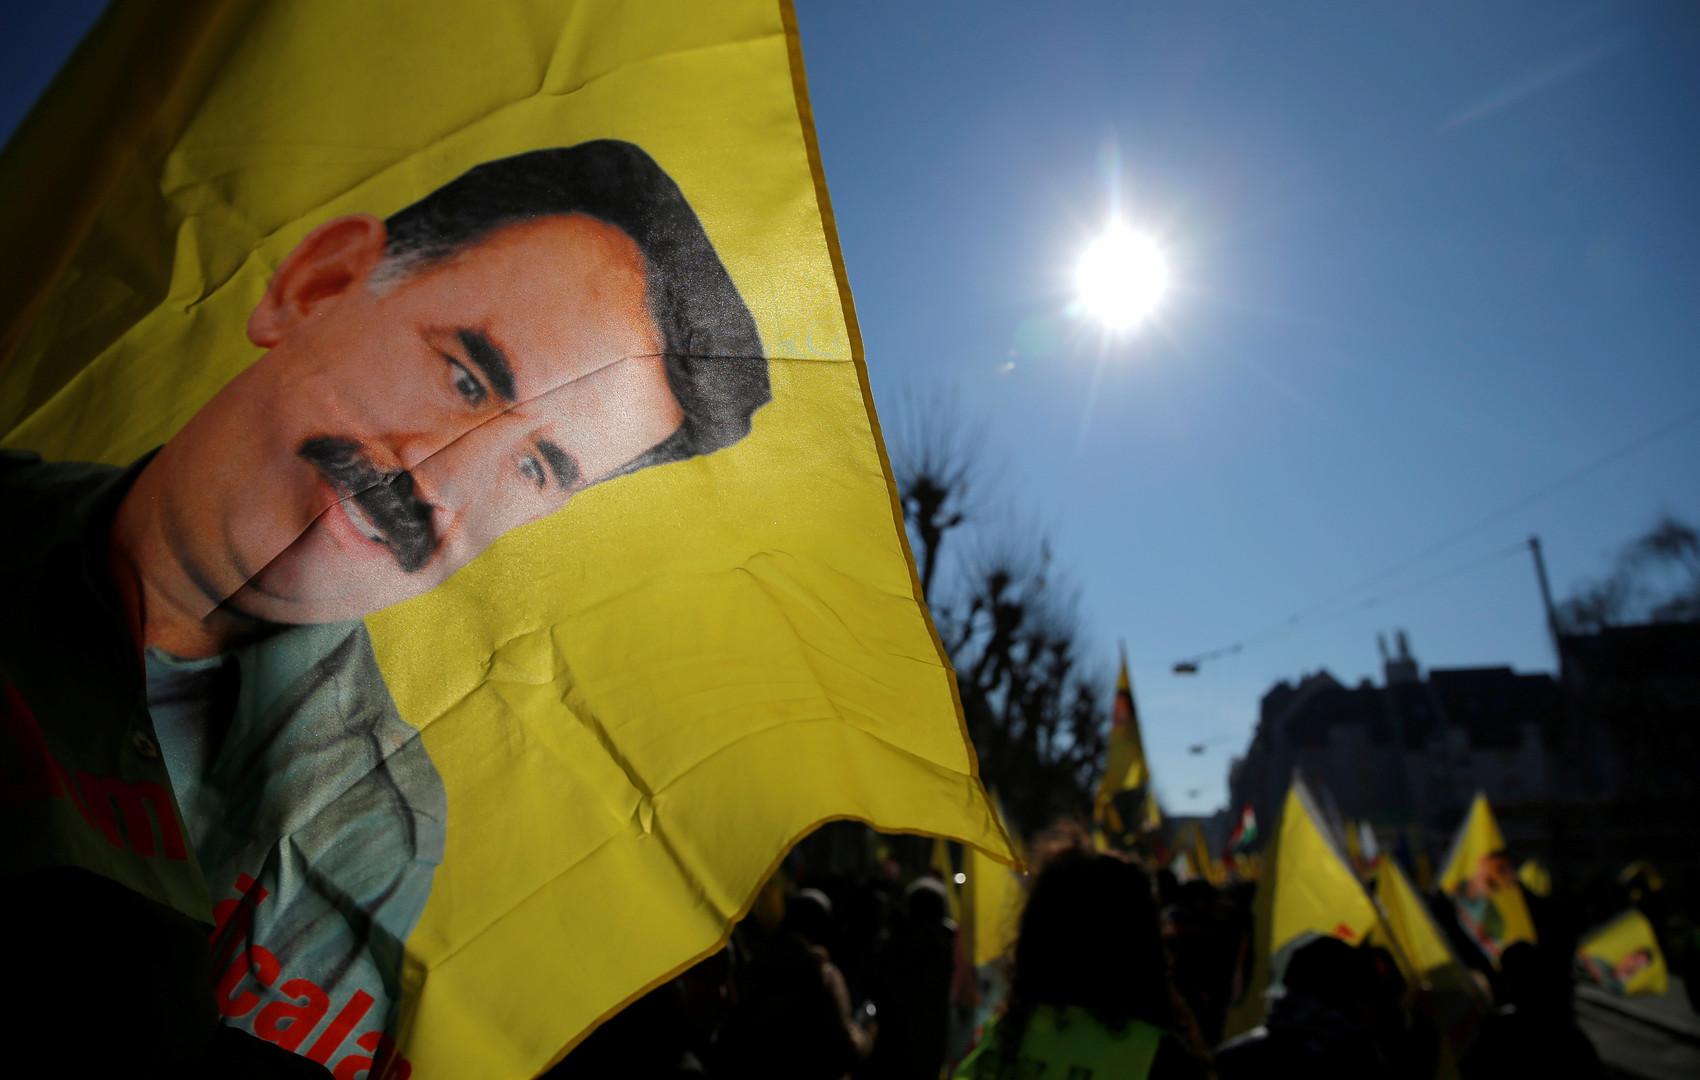 حزب تركي مؤيد للأكراد يتهم أردوغان بدق إسفين بينه وأوجلان قبيل انتخابات اسطنبول